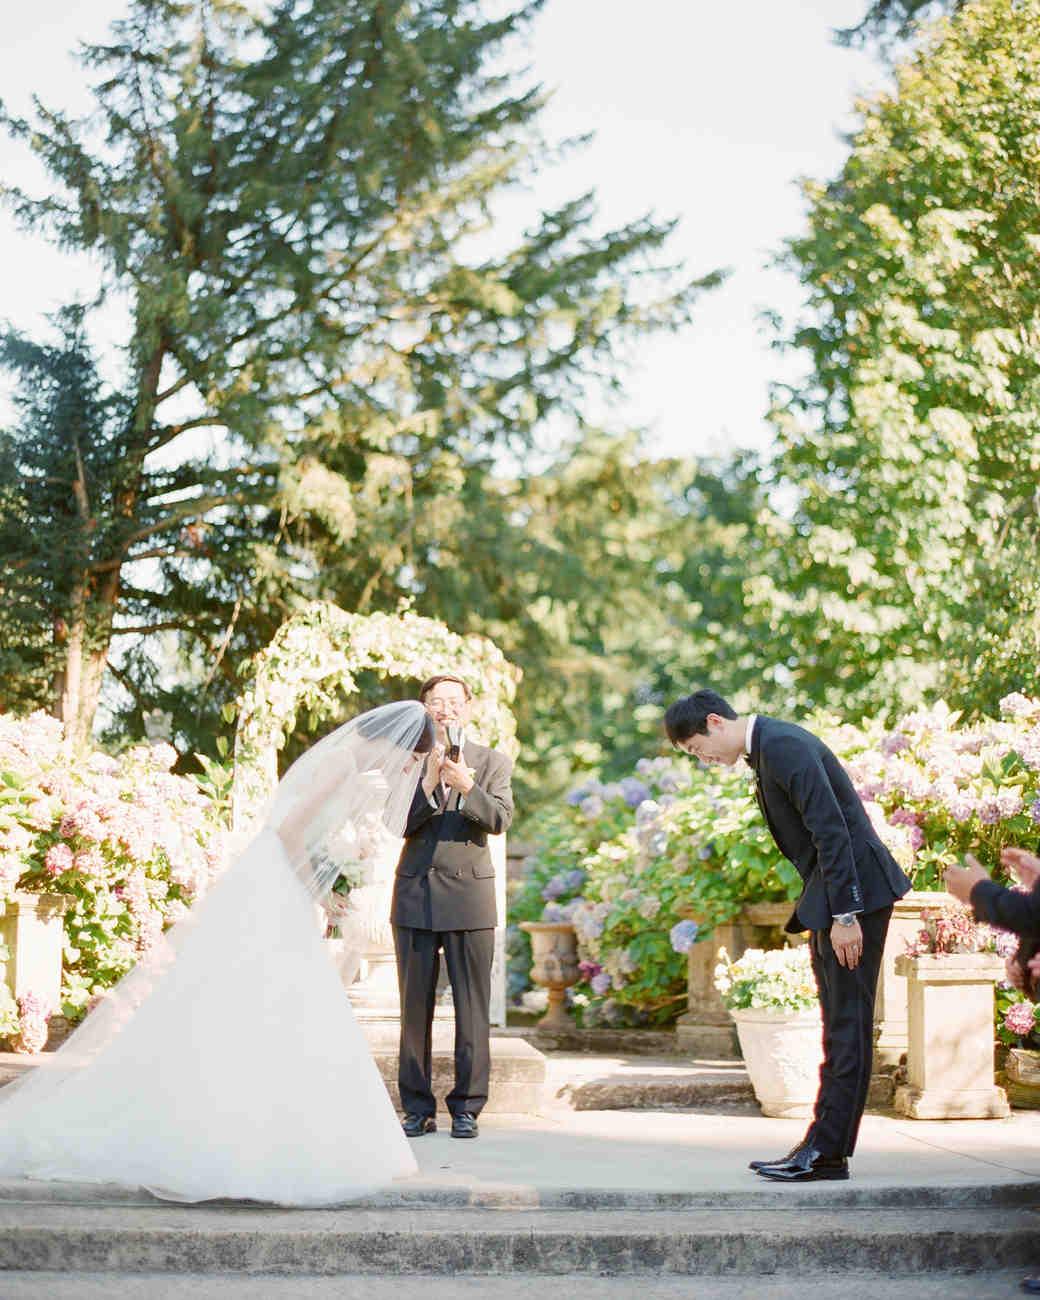 bomi-billy-wedding-ceremony-0382-wds111105-0514.jpg